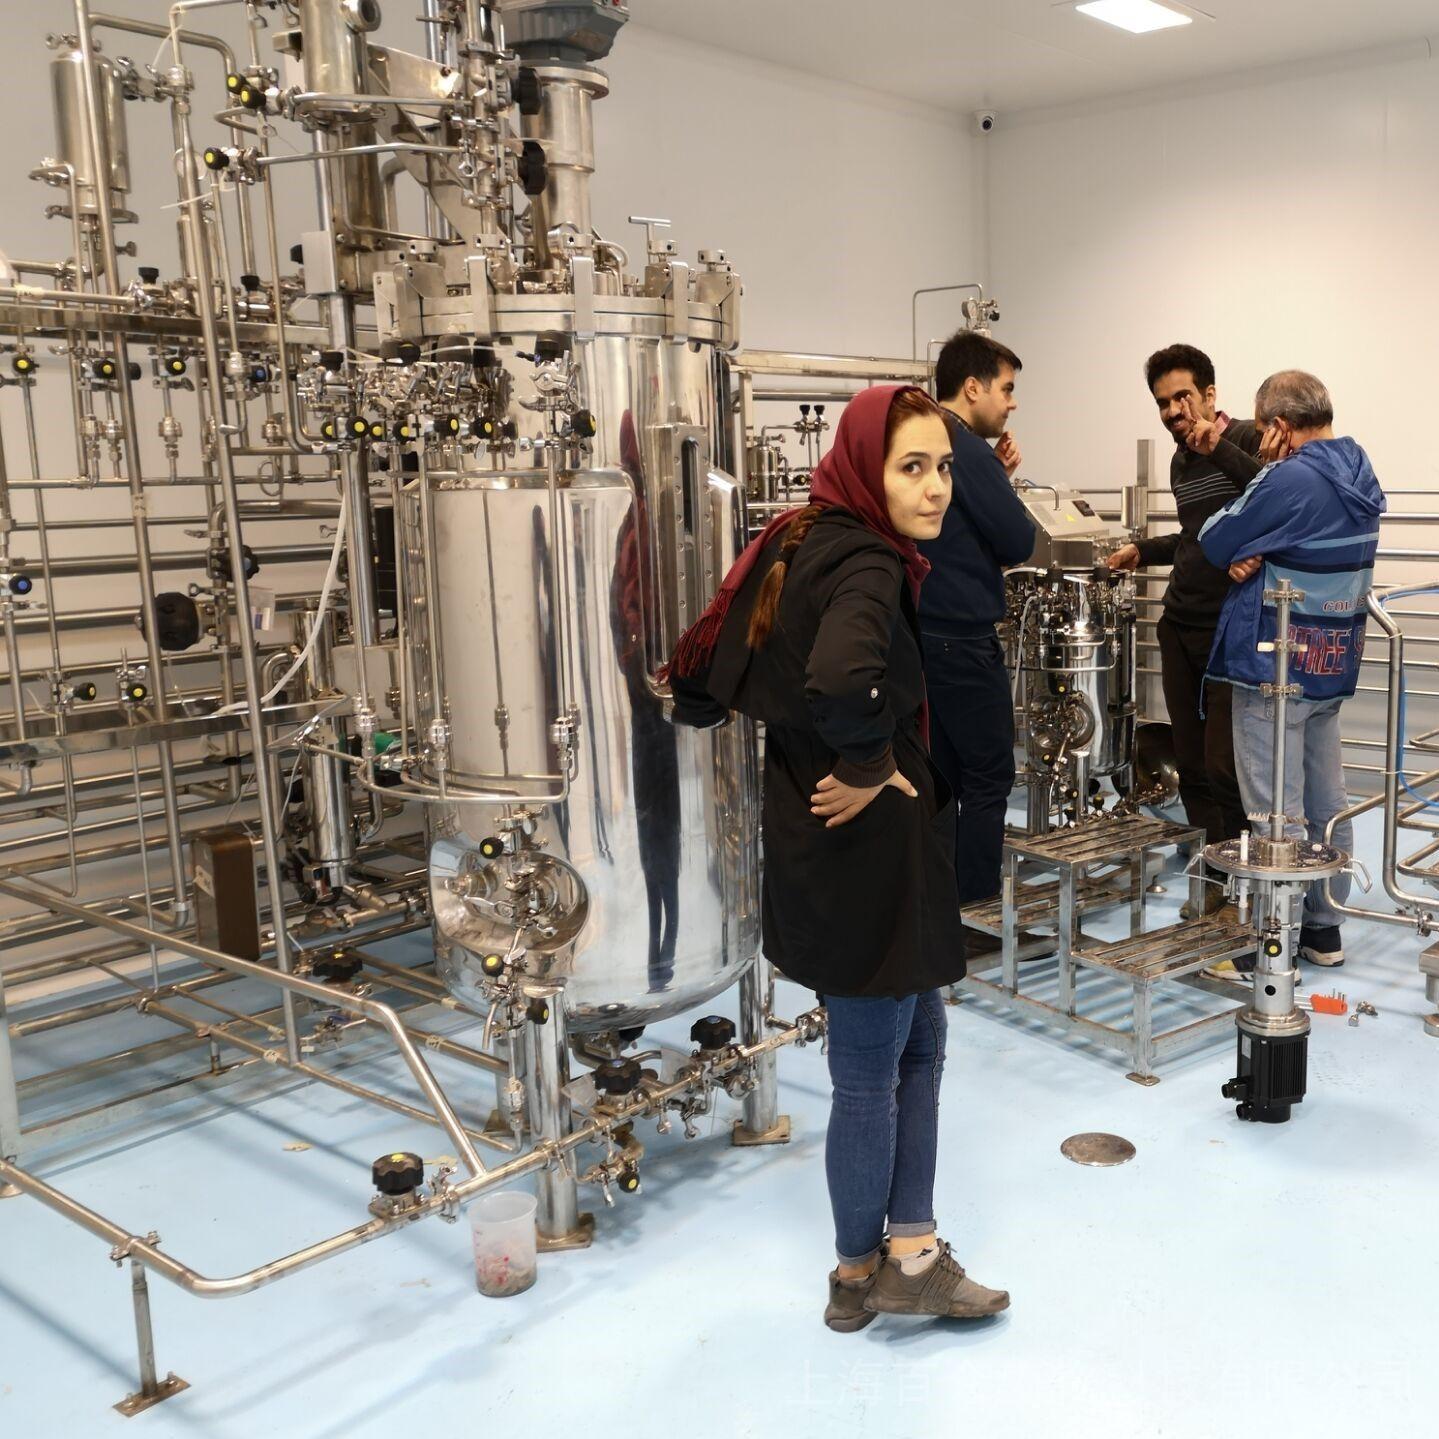 20升200升二级自动发酵罐BLBIO-20-200SJA